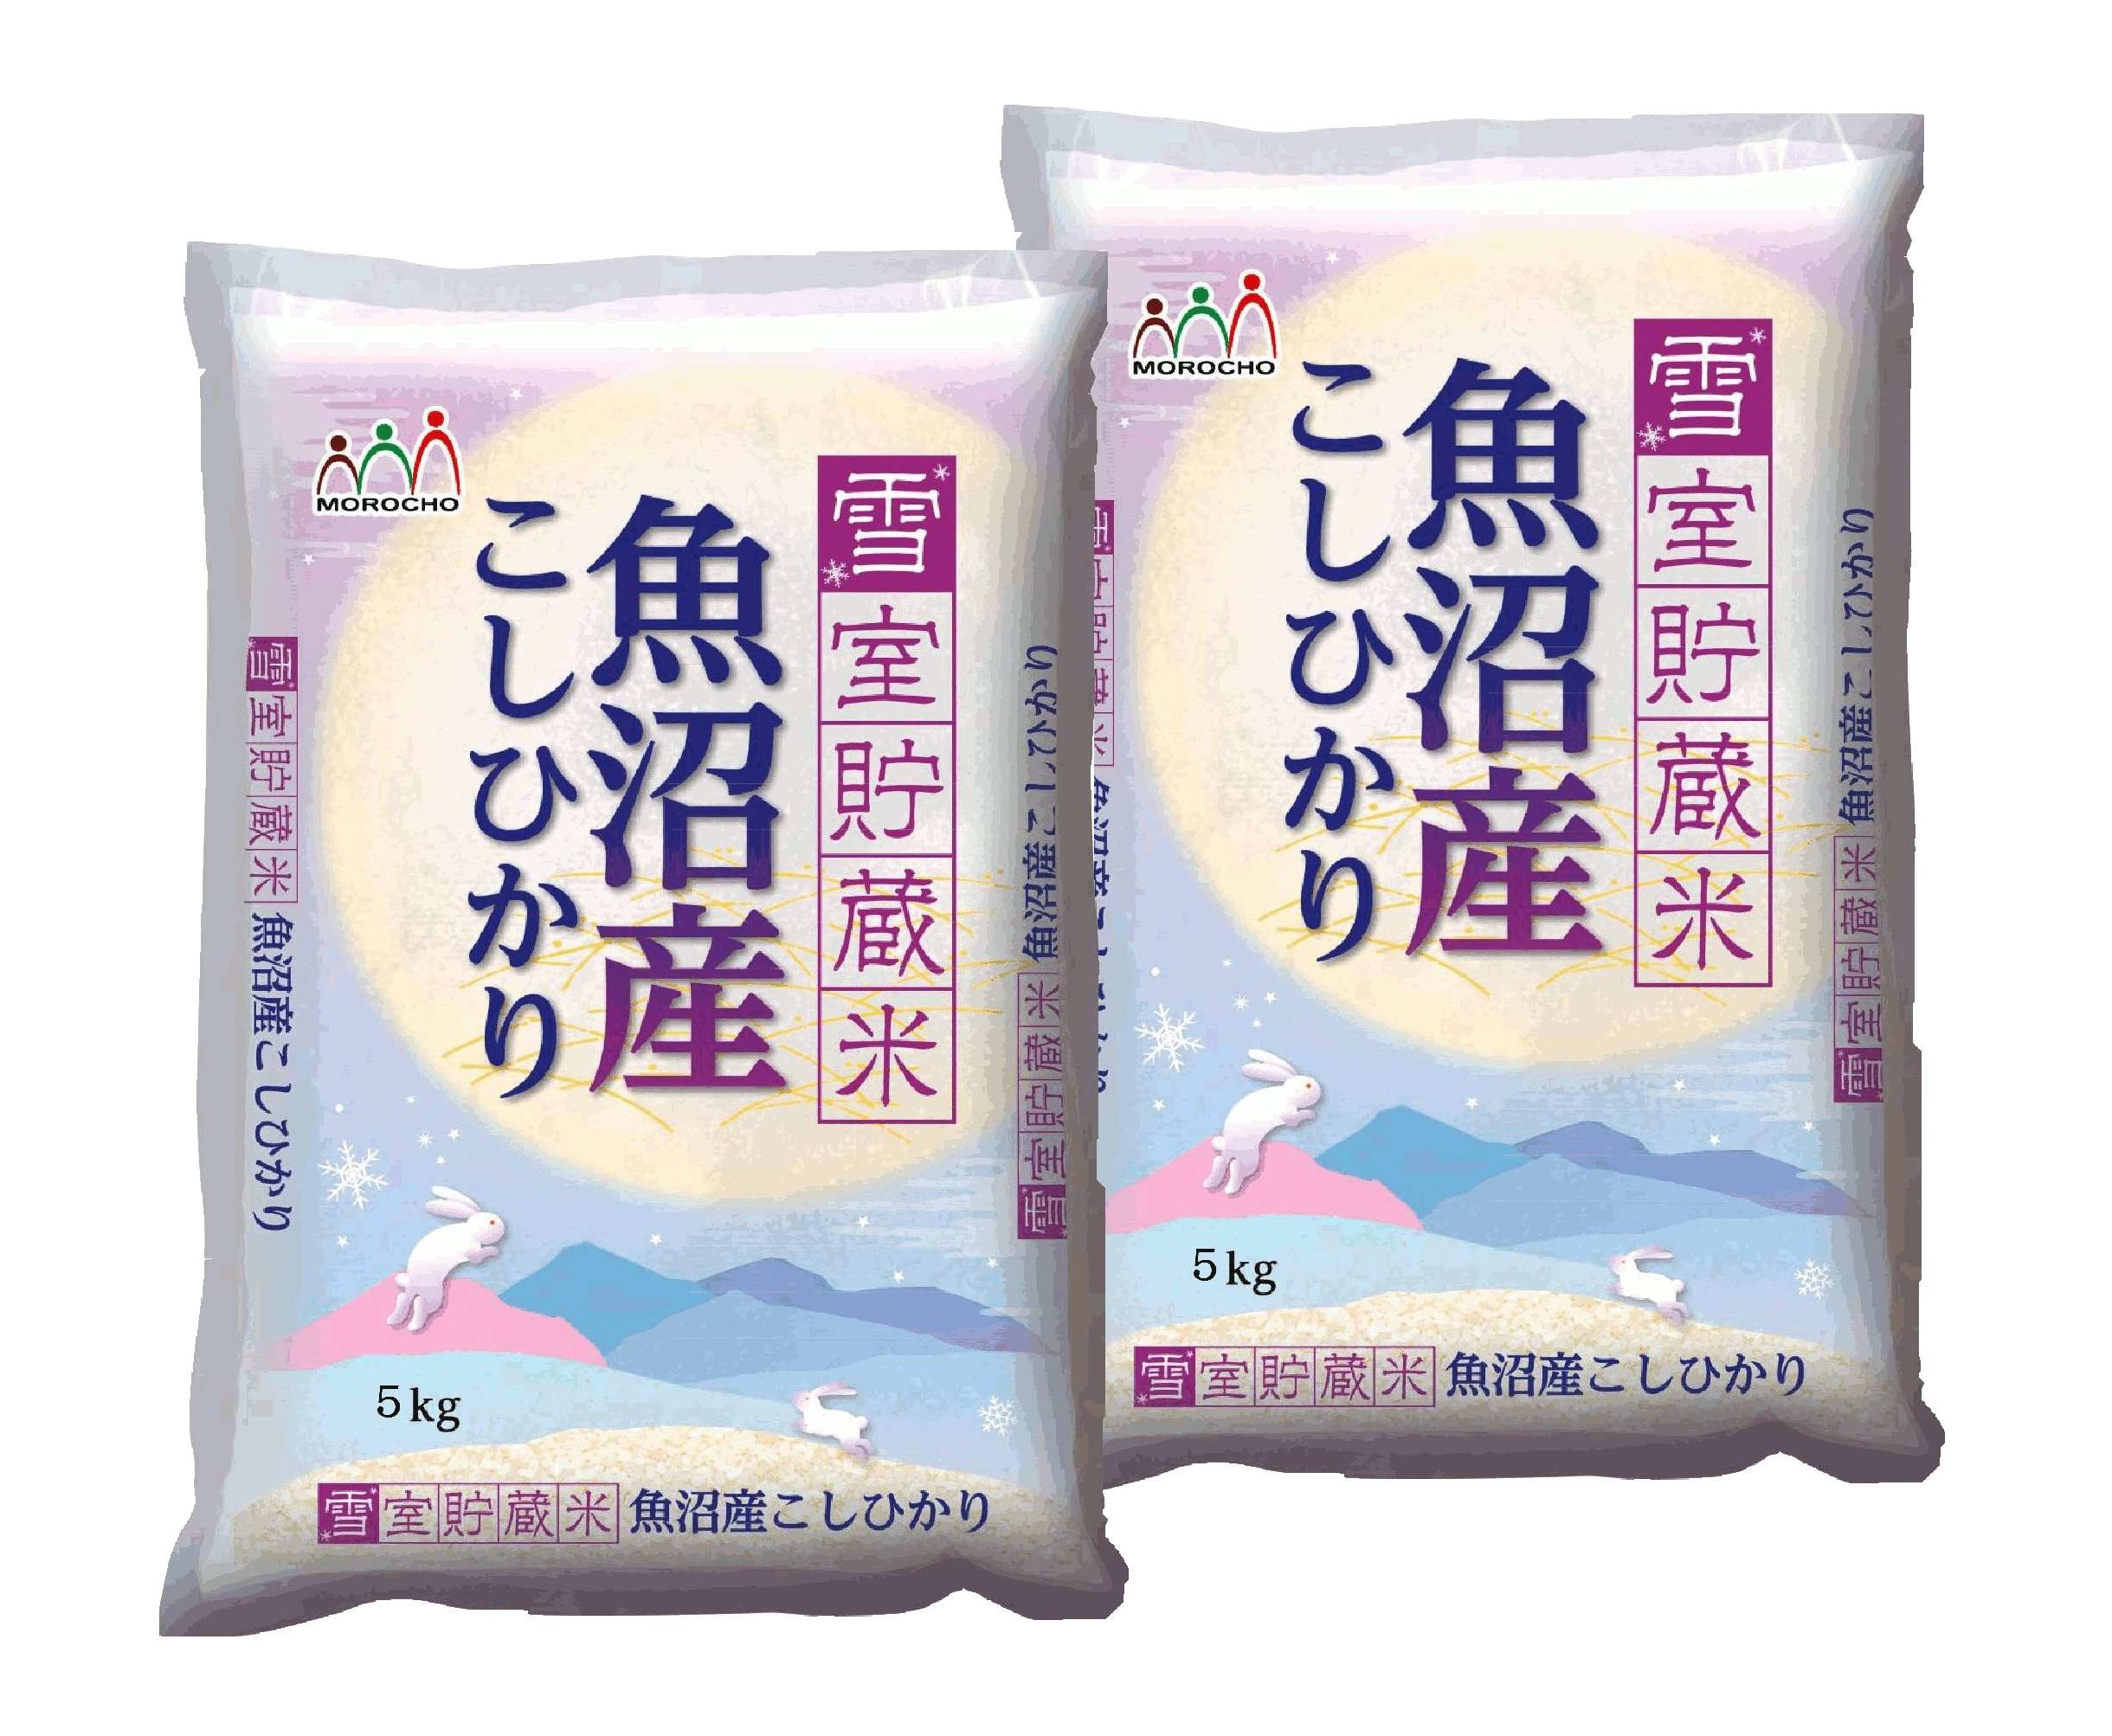 【新潟県】魚沼産こしひかり 雪室貯蔵米 10kg(5kg×2)